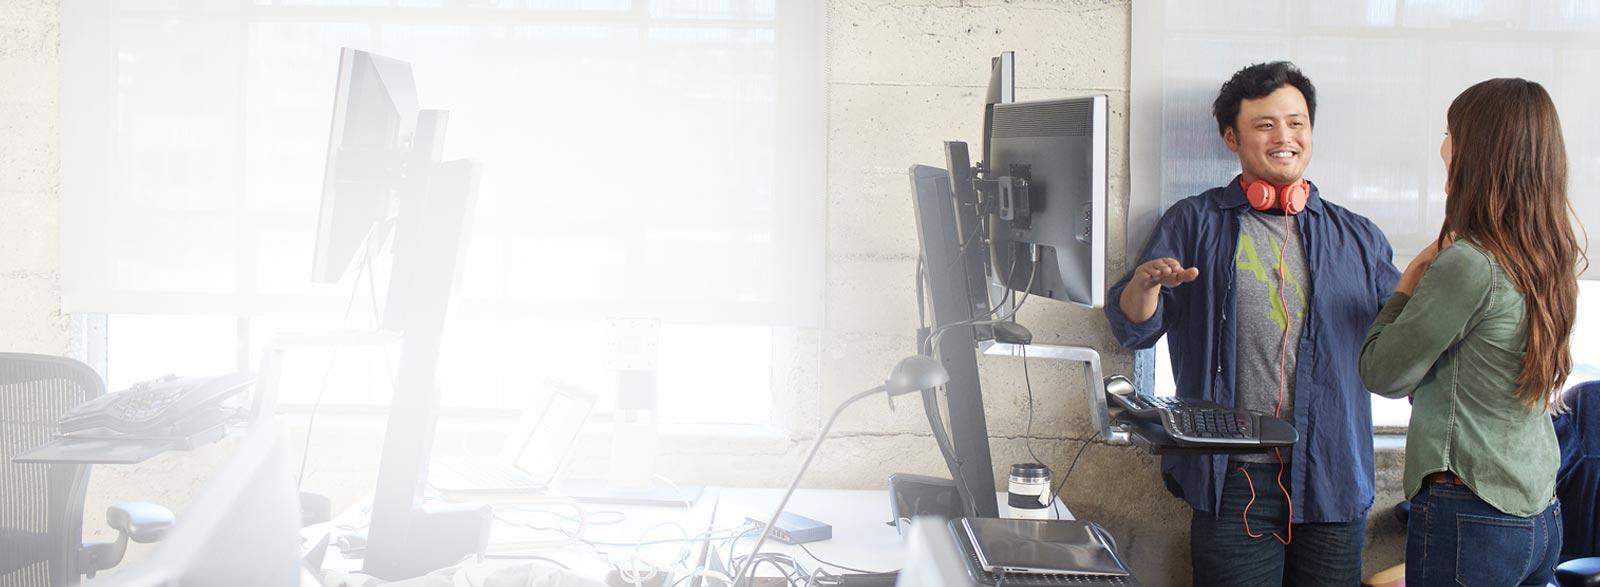 Vīrietis un sieviete birojā izmanto Office 365 Business Premium.